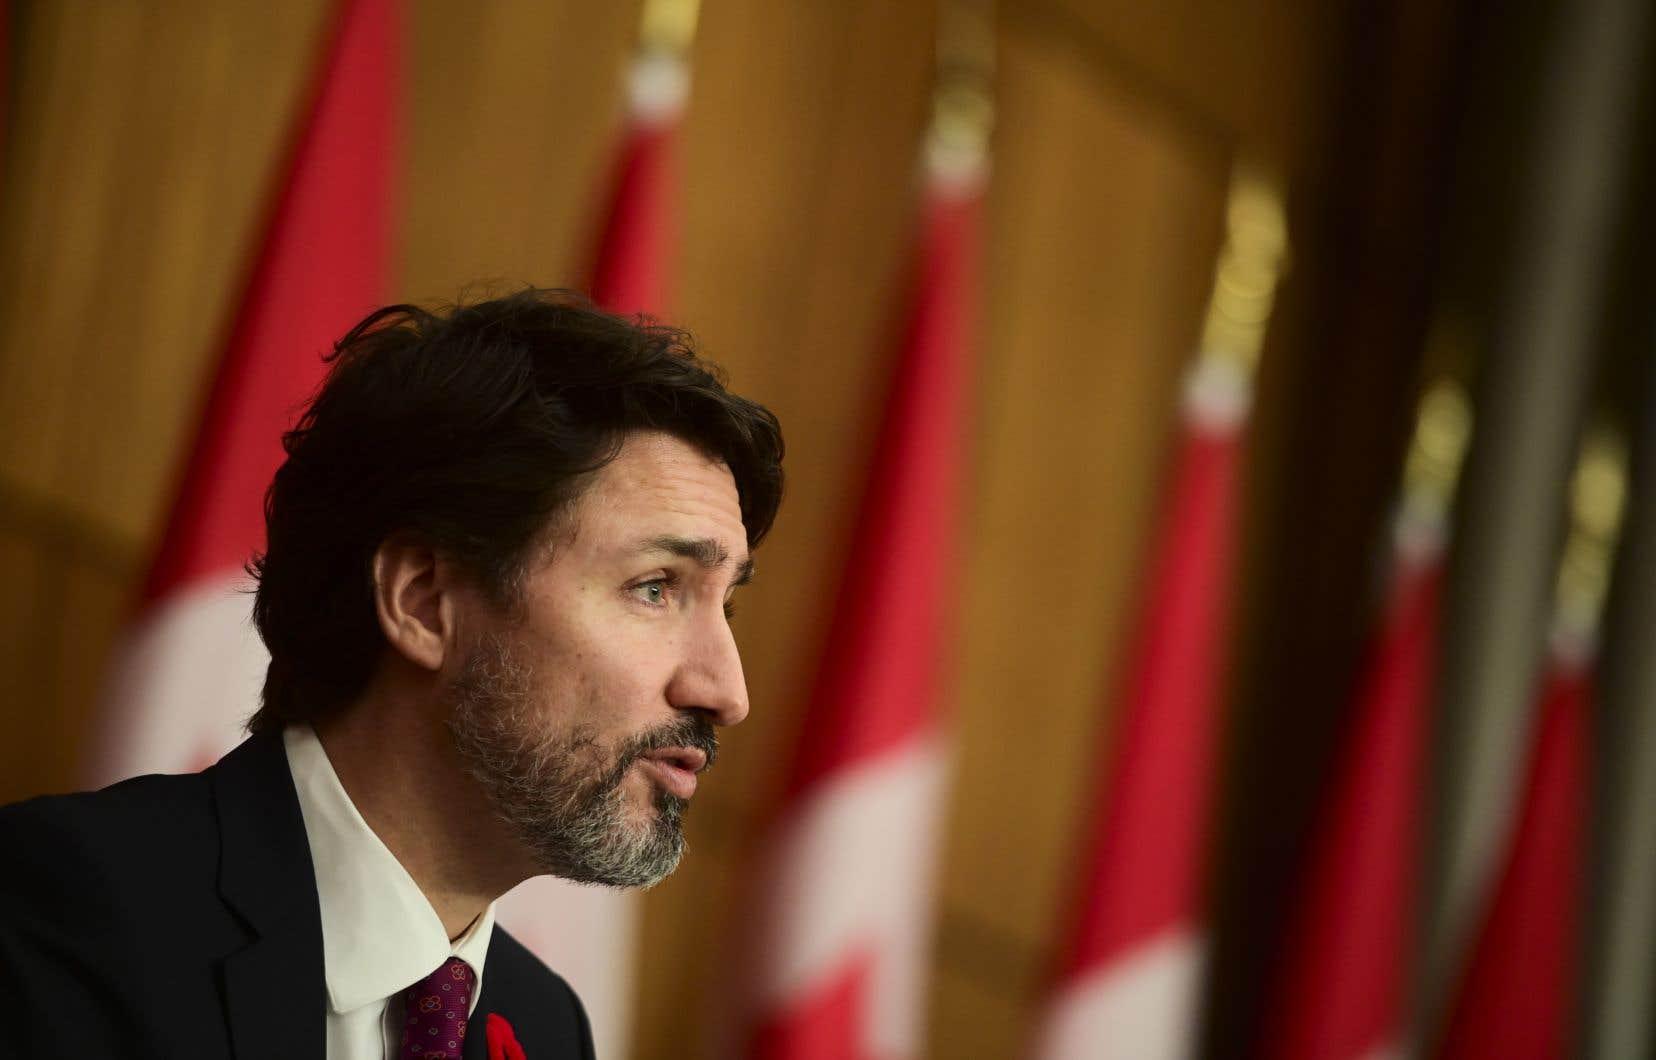 Le premier ministre du Canada, Justin Trudeau, a félicité de vive voix le président désigné des États-Unis, Joe Biden, lundi.